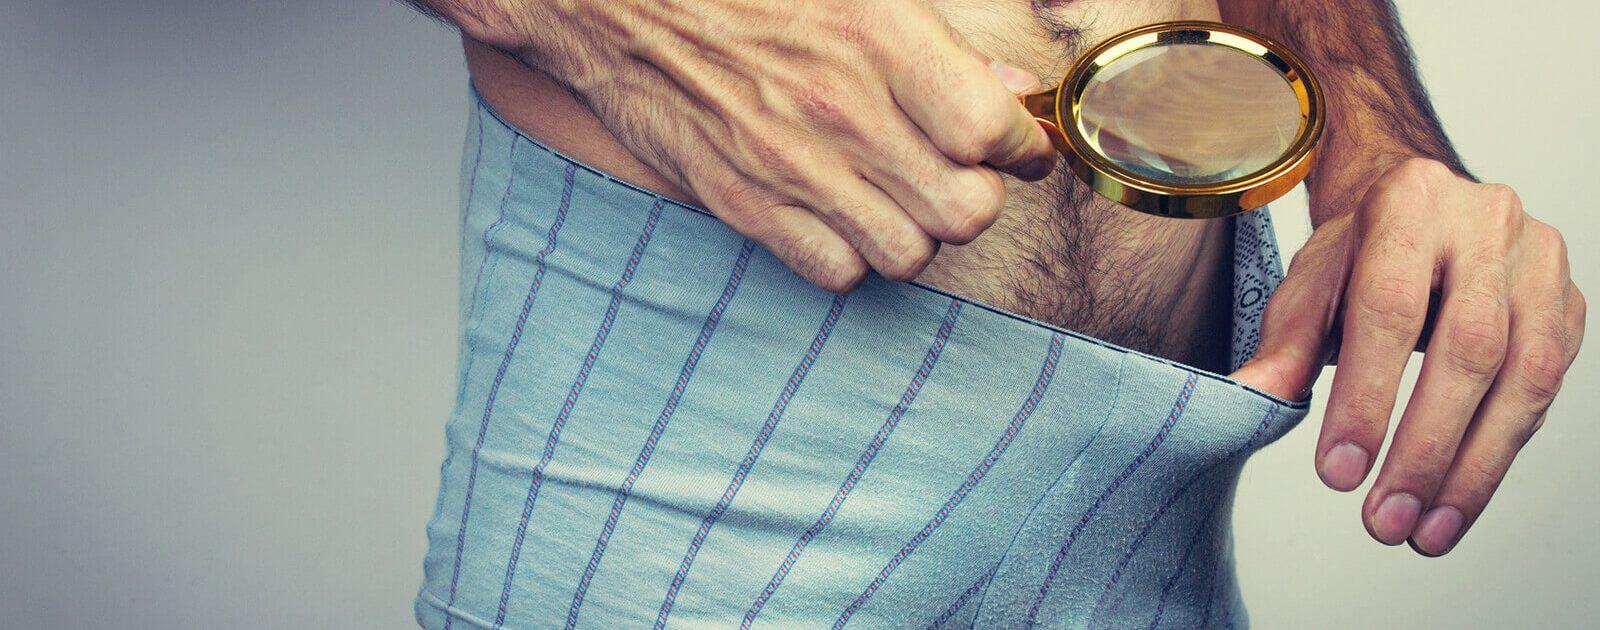 Mann untersucht seinen Penis mit einer Lupe, um eine Vorhautverengung feststellen zu können